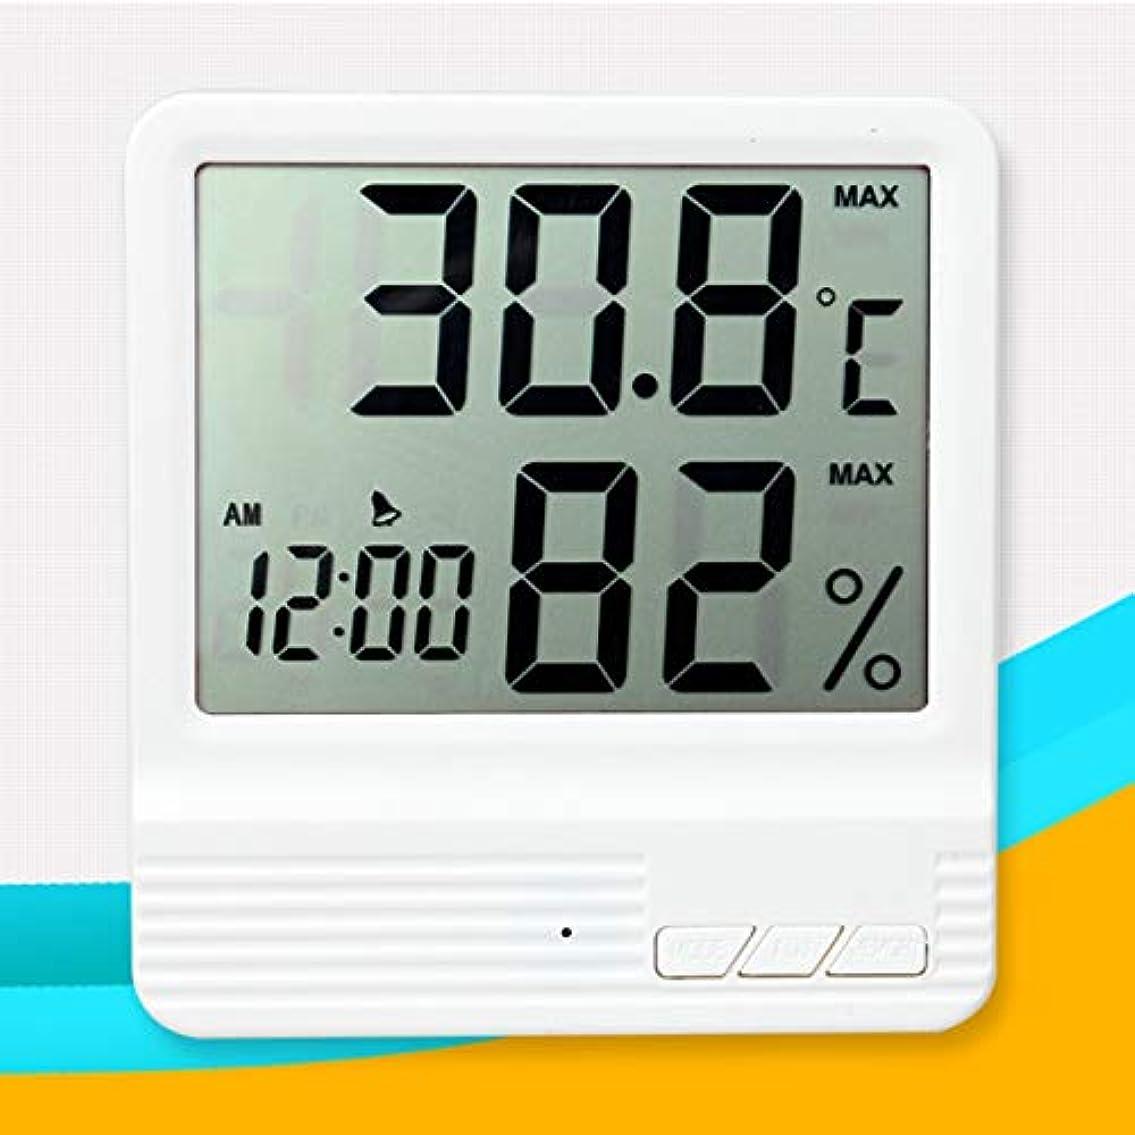 石炭ビット納税者Saikogoods 電子体温計湿度計 デジタルディスプレイ 温度湿度モニター アラーム時計 屋内家庭用 白